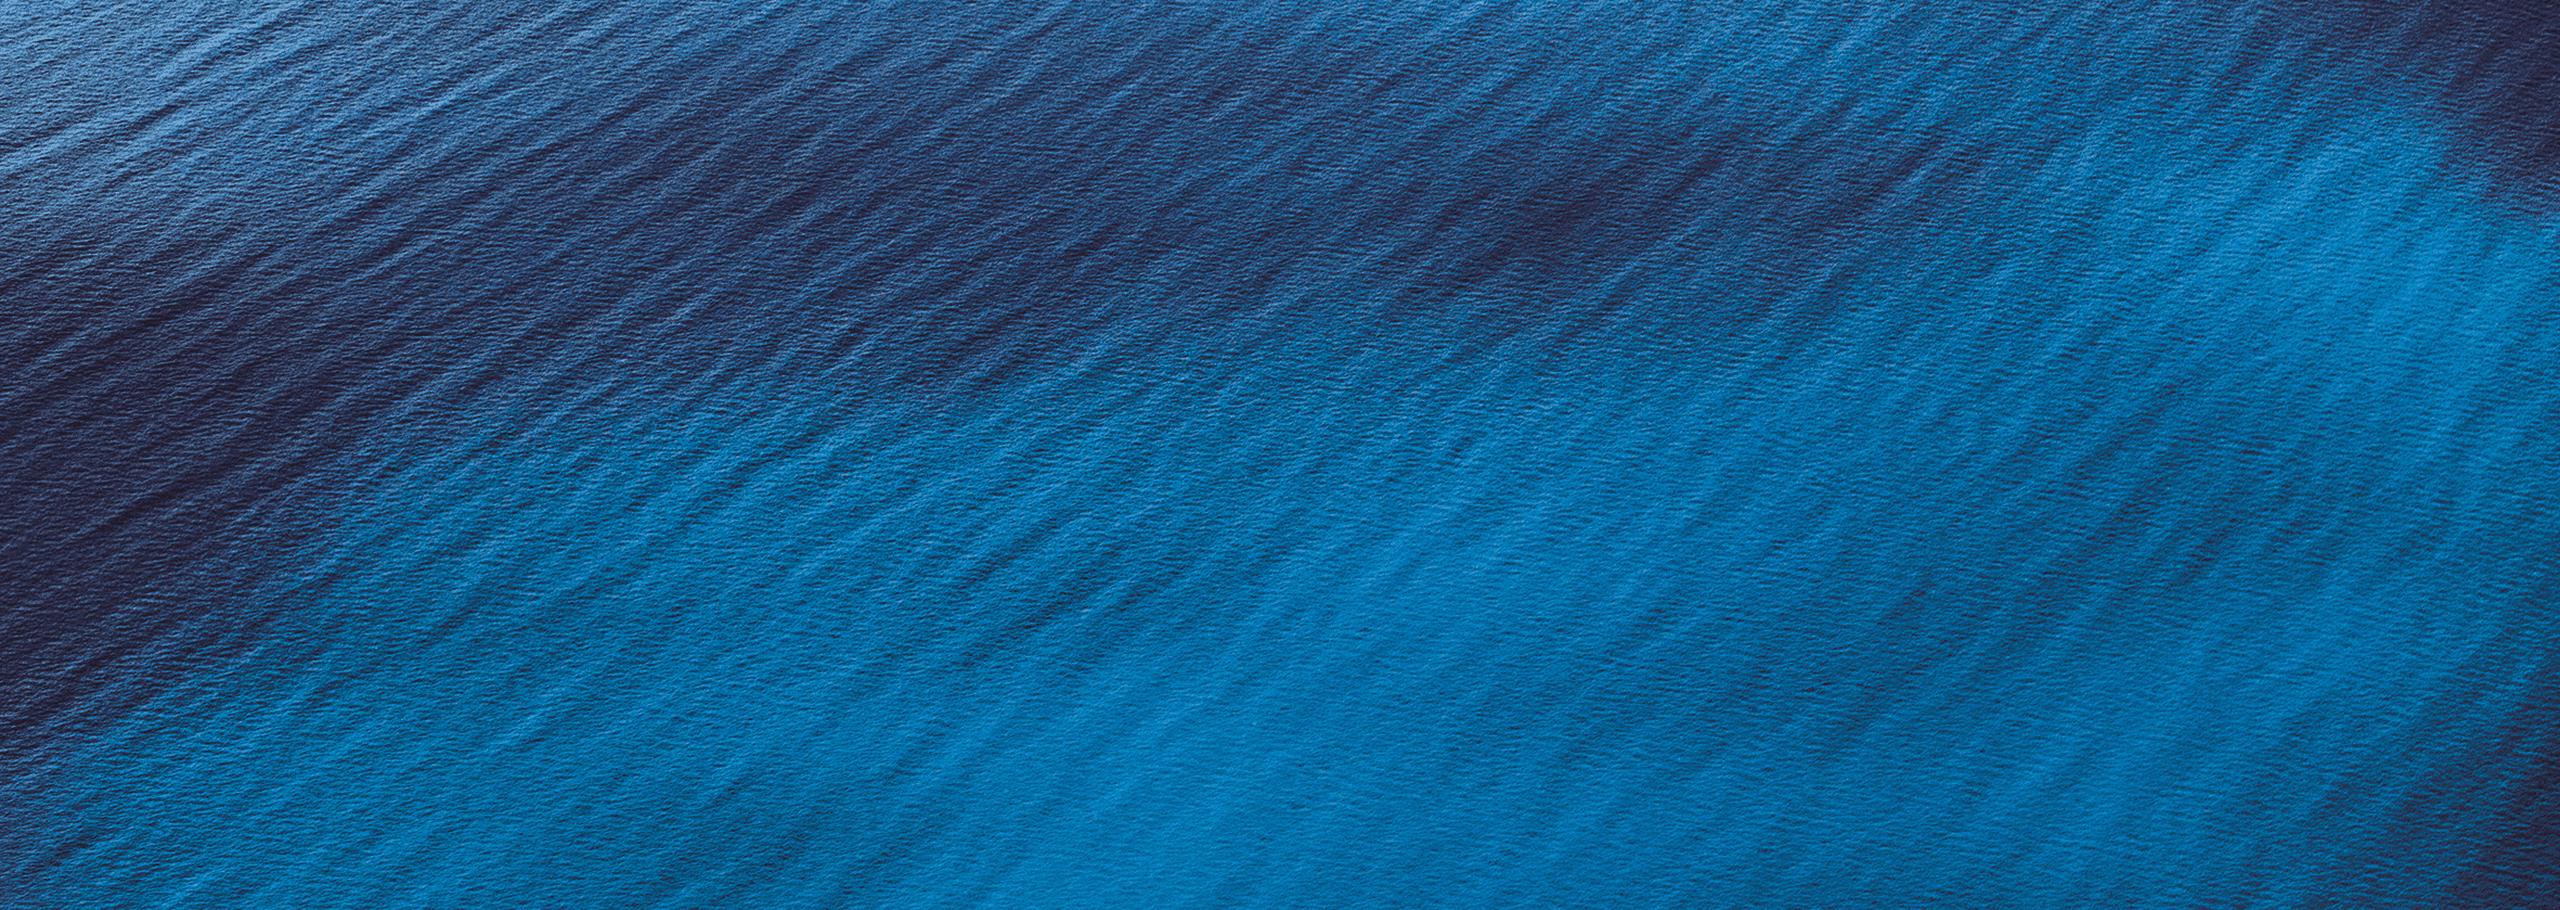 Yealands_Ocean_Navy brand page header 2560x910